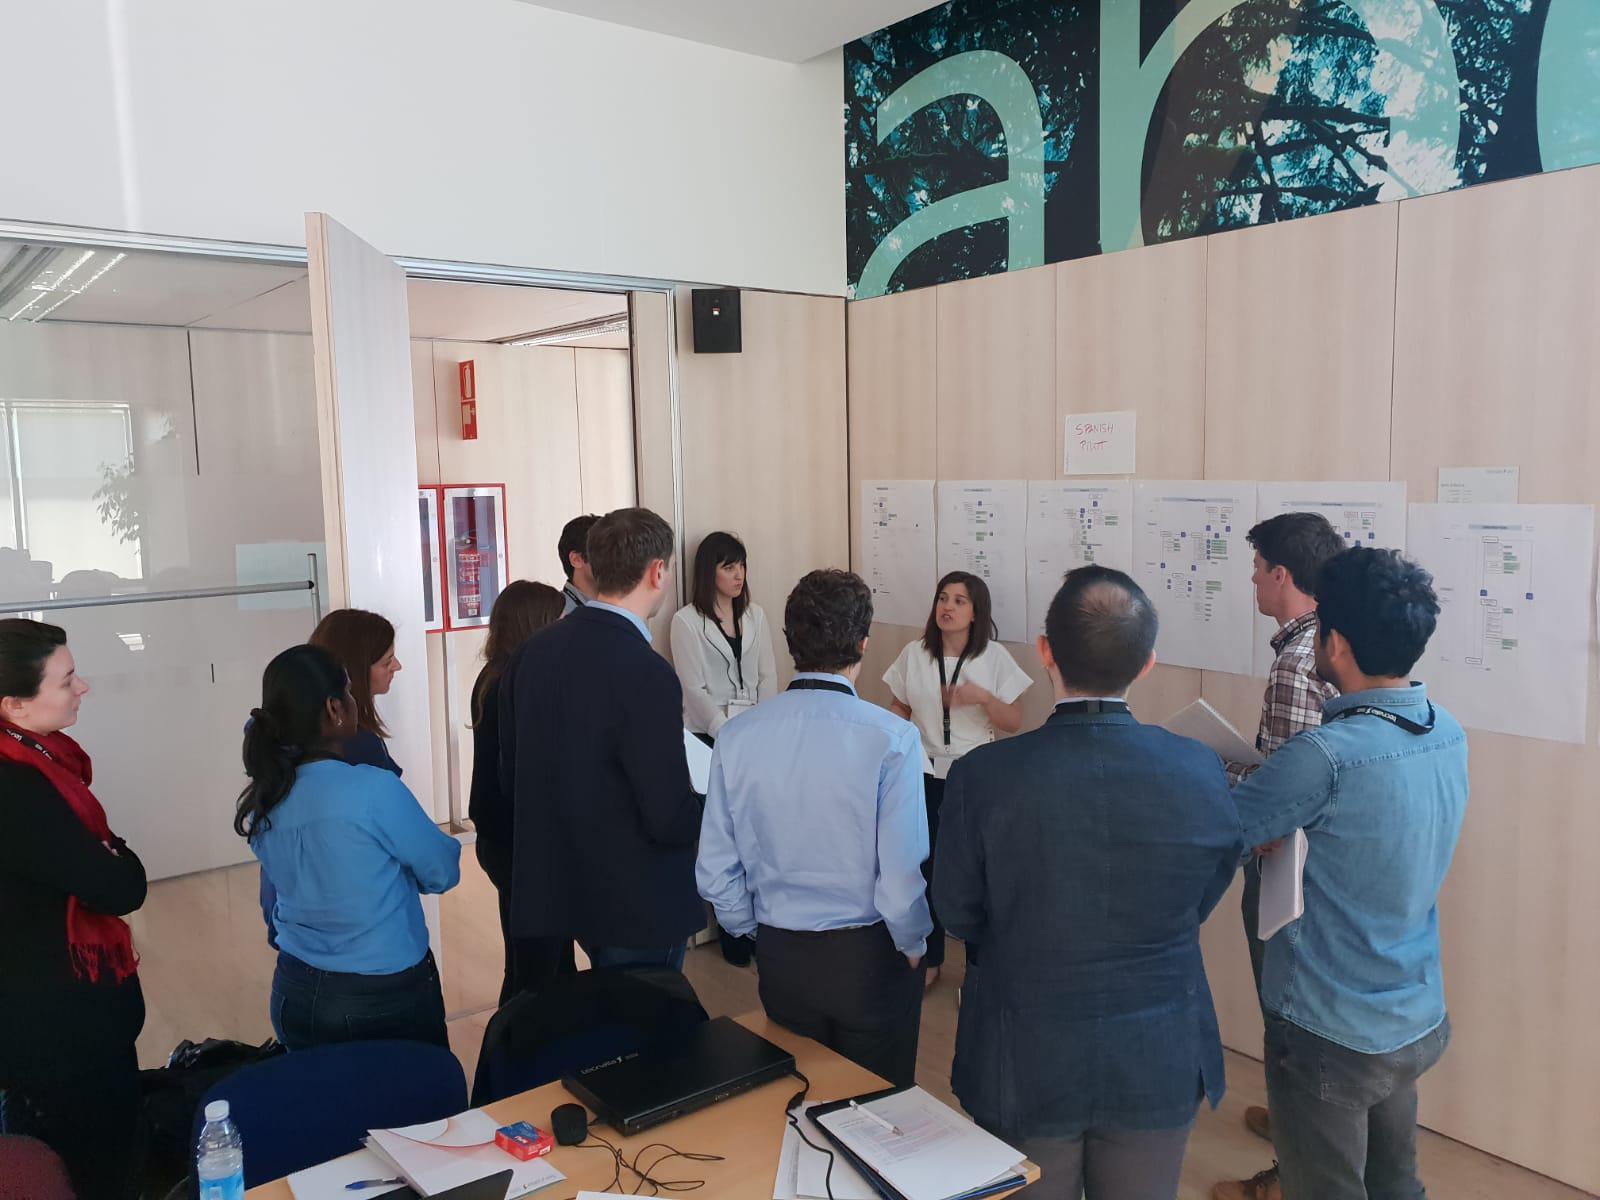 imagen 2 de noticia: continuamos-trabajando-en-el-proyecto-europeo-bim4ren-esta-vez-con-una-general-assembly-en-tecnalia